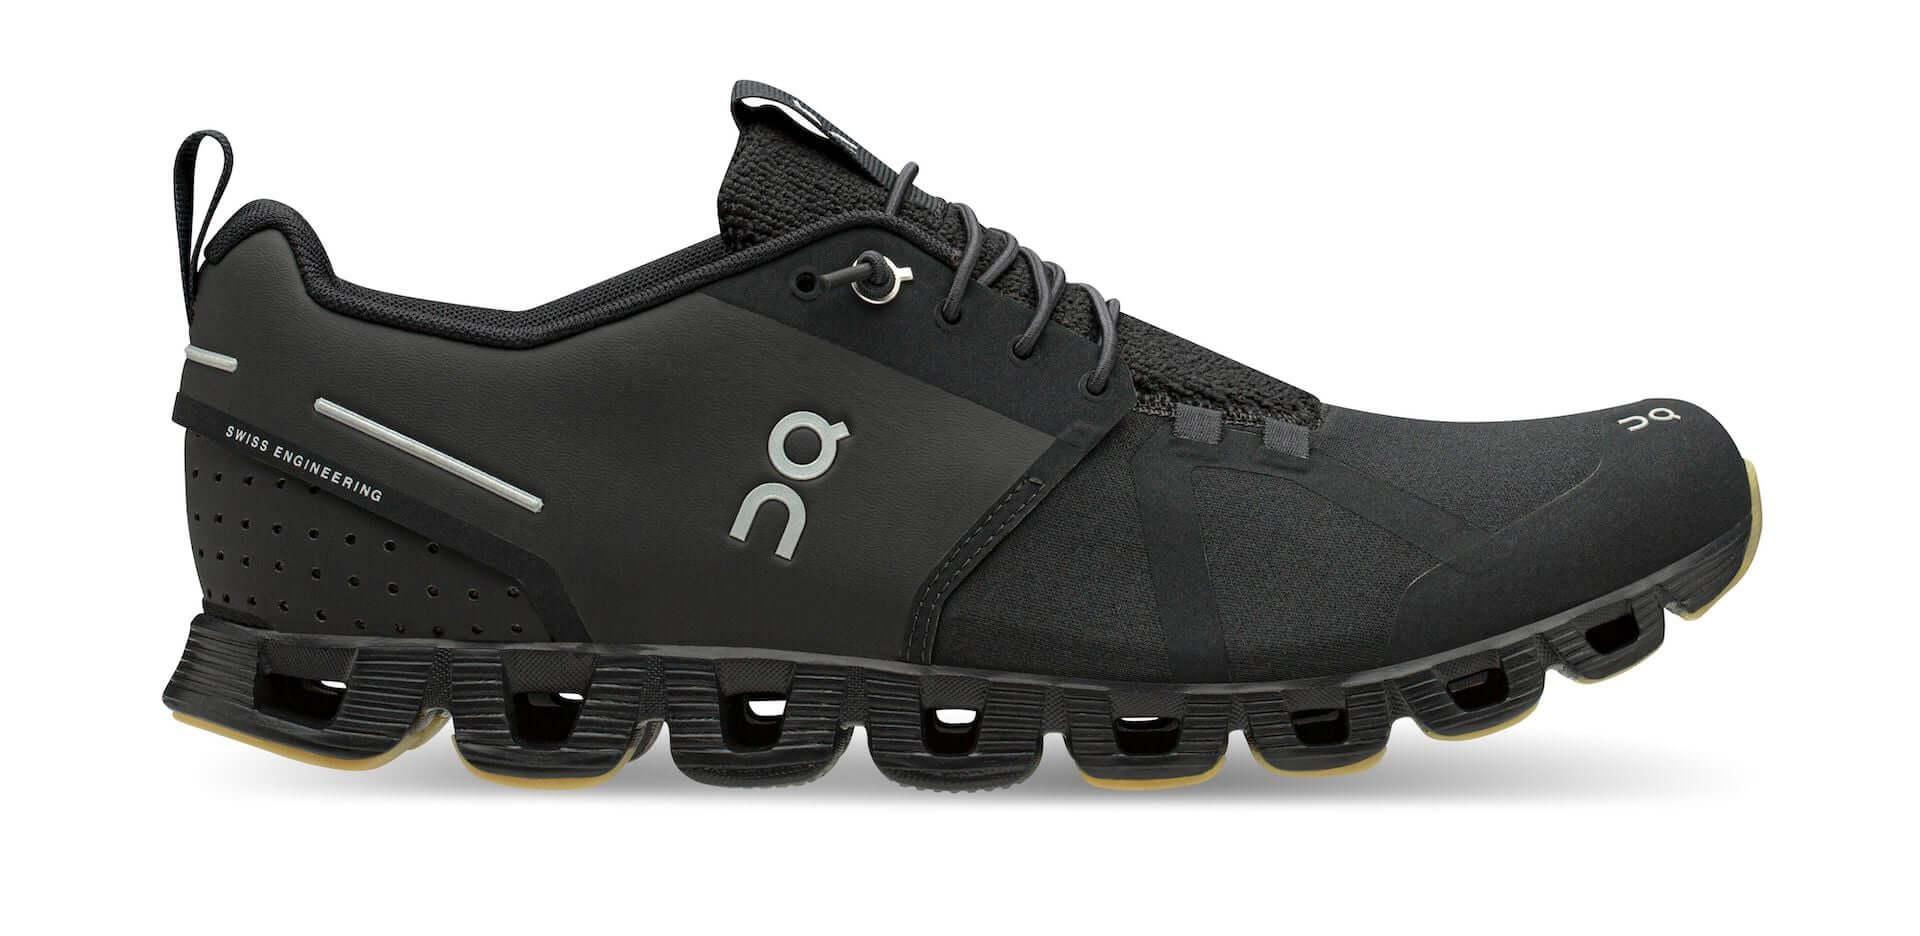 スイスのスポーツブランド「On」から、シックなモノトーンカラーの『Cloud Terry』が新登場! lf200521_cloudterry_04-1920x936